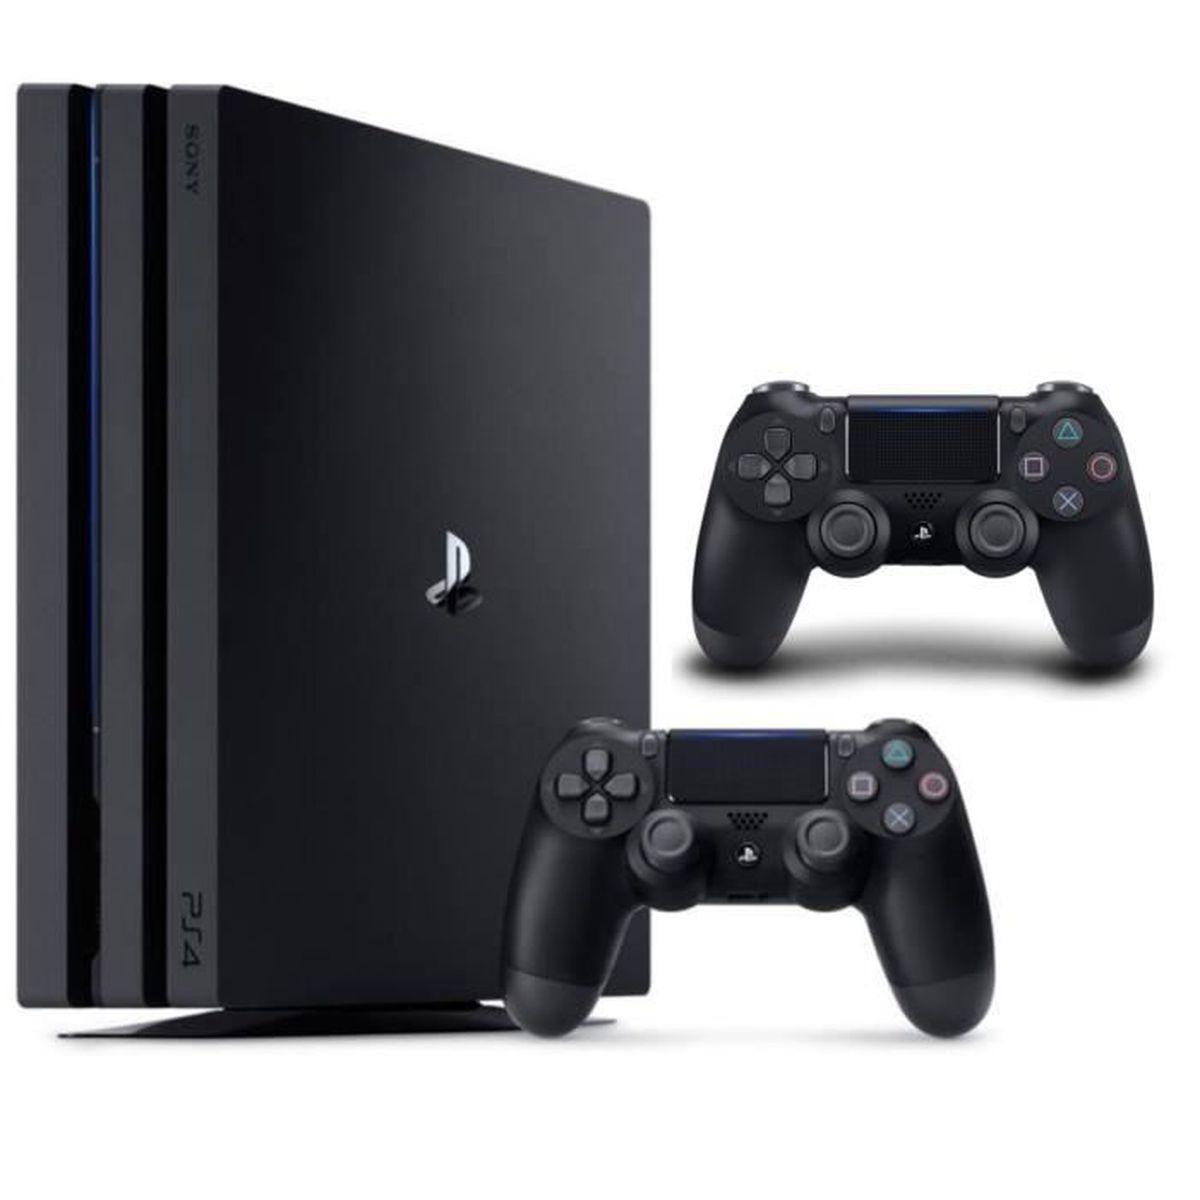 CONSOLE PS4 NOUVEAUTÉ Pack PS4 Pro 1 To Noire + 2e manette DualShock 4 N